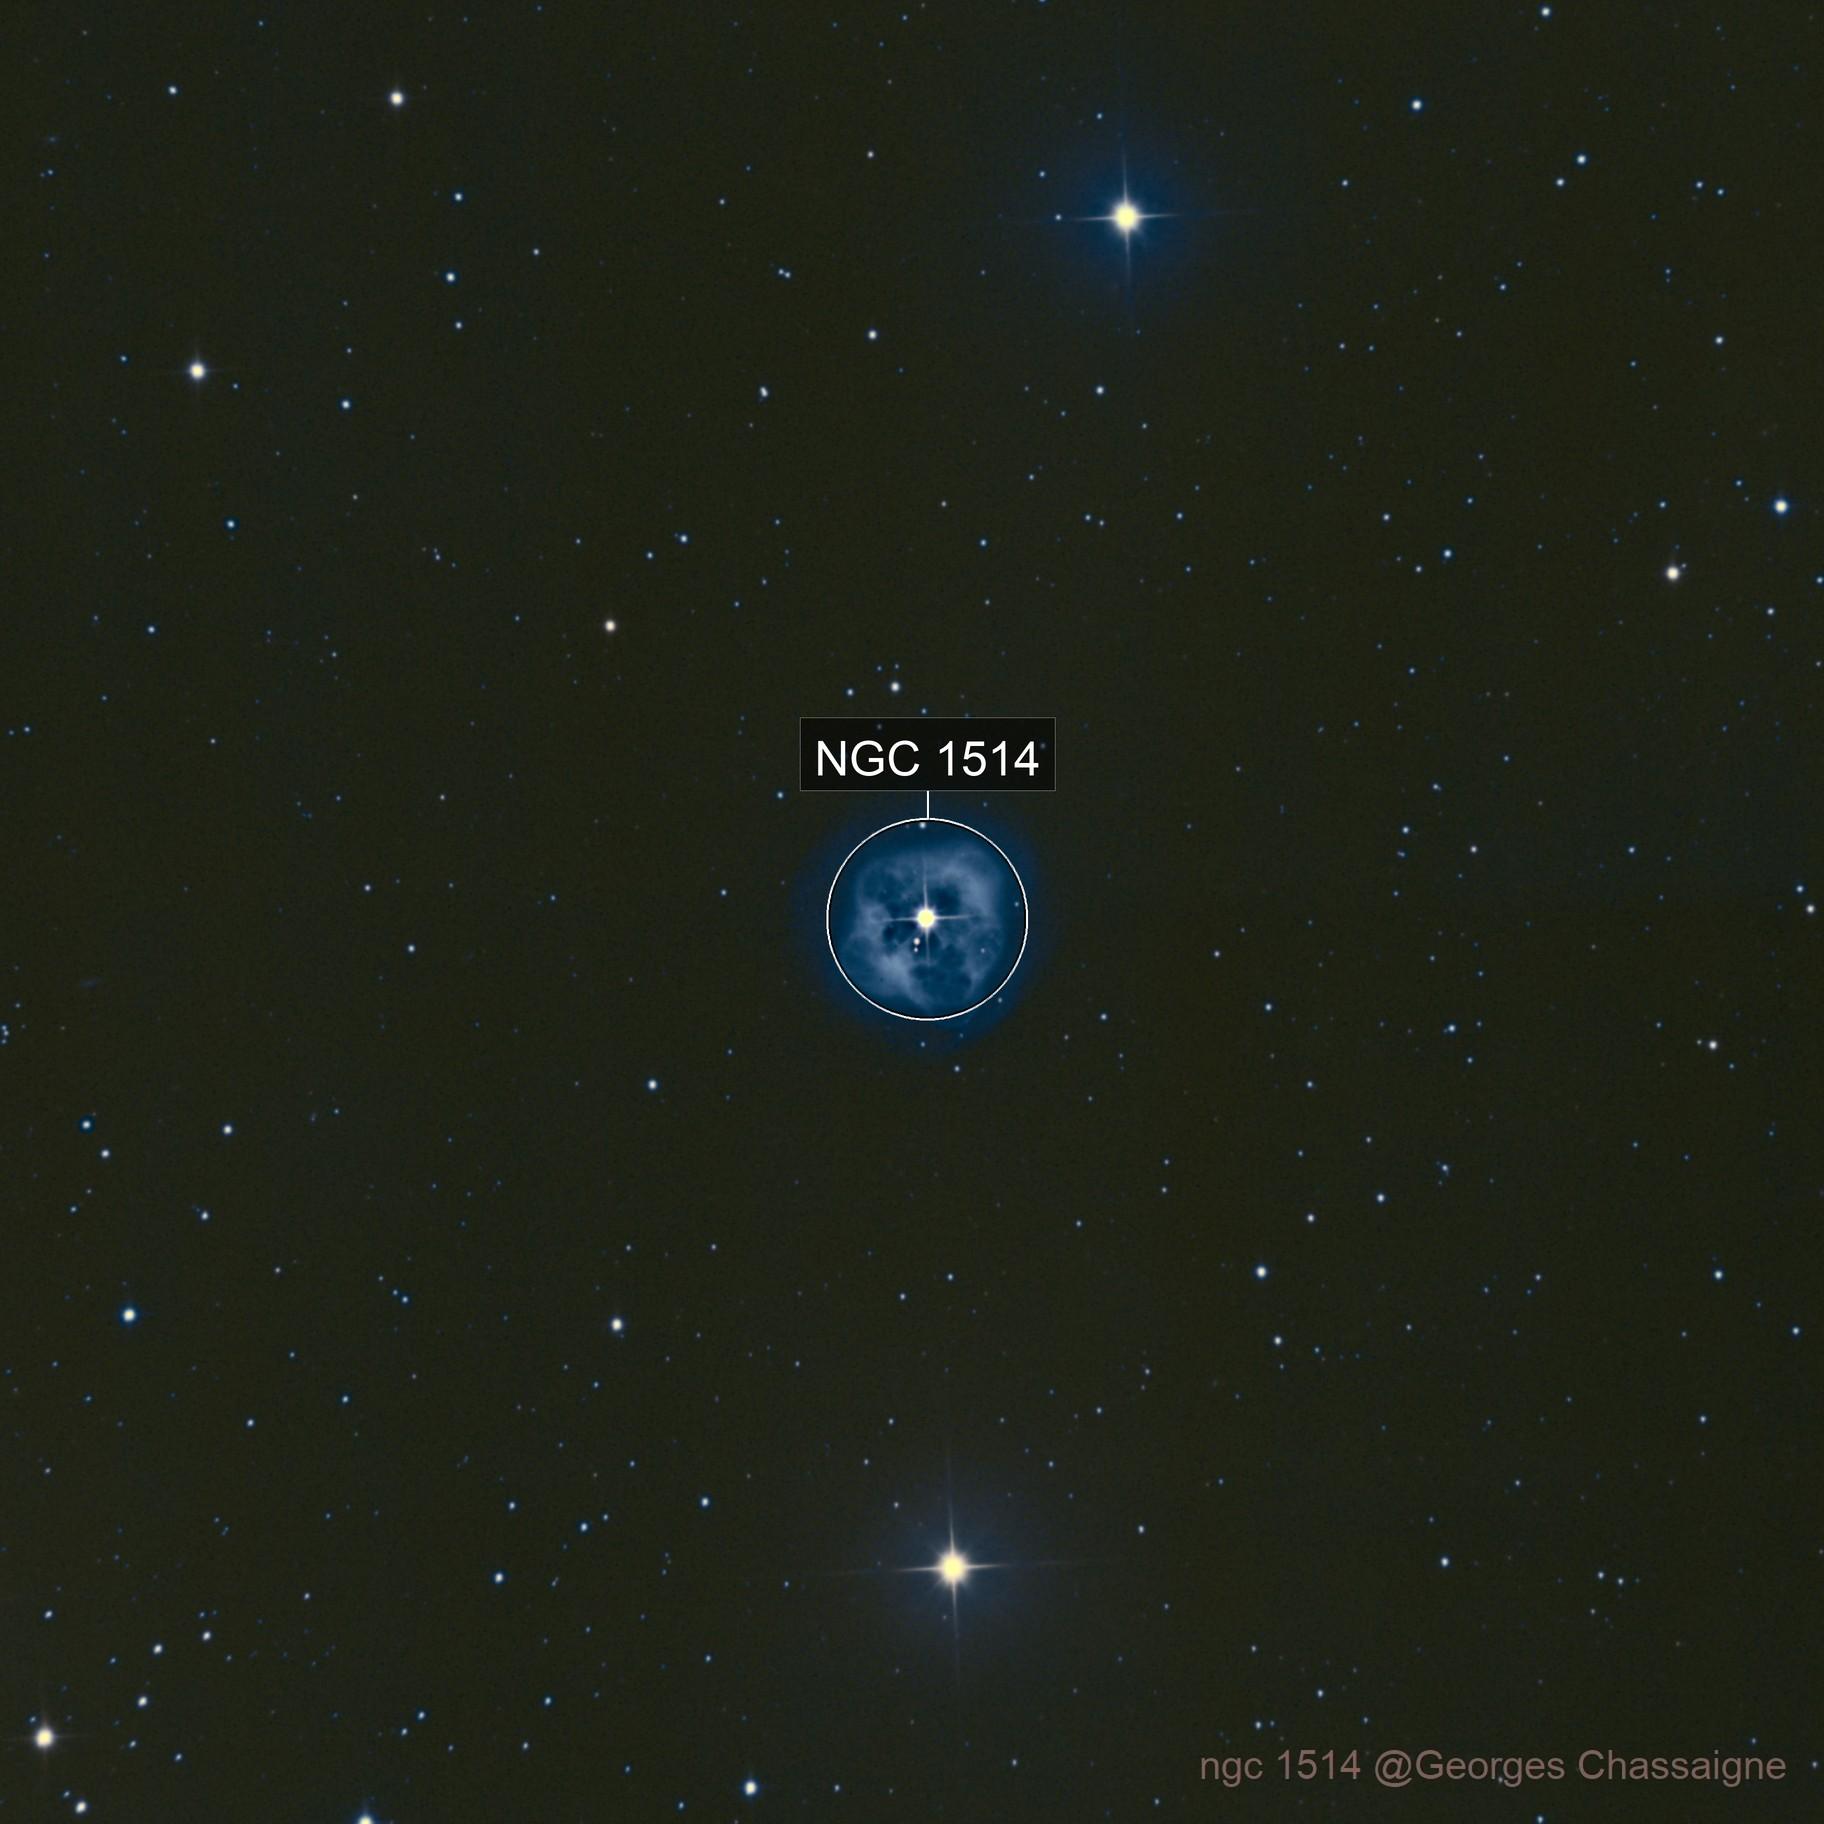 ngc 1514 NP Crystal ball nebula